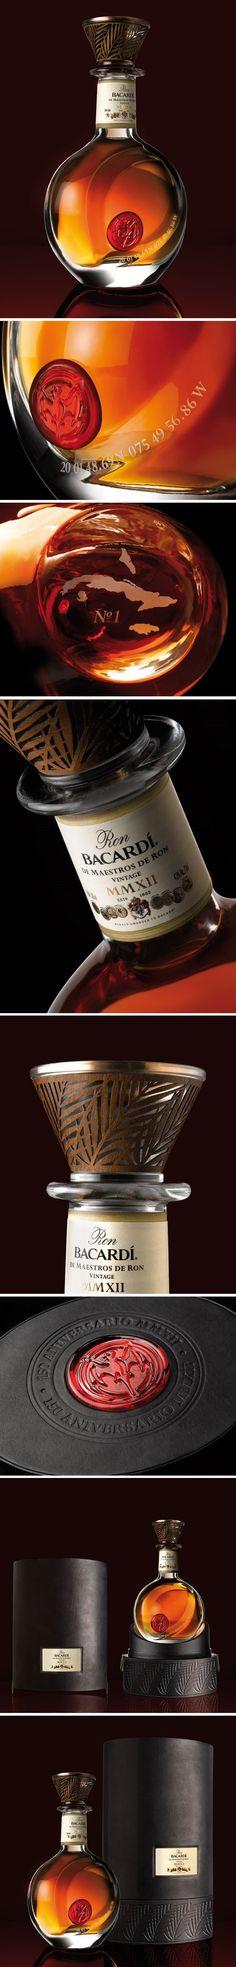 Bacardi 150 anniversary celebration bottle and decanter Cool Packaging, Beverage Packaging, Bottle Packaging, Packaging Design, Alcohol Bottles, Liquor Bottles, Drink Bottles, Vodka, Tequila